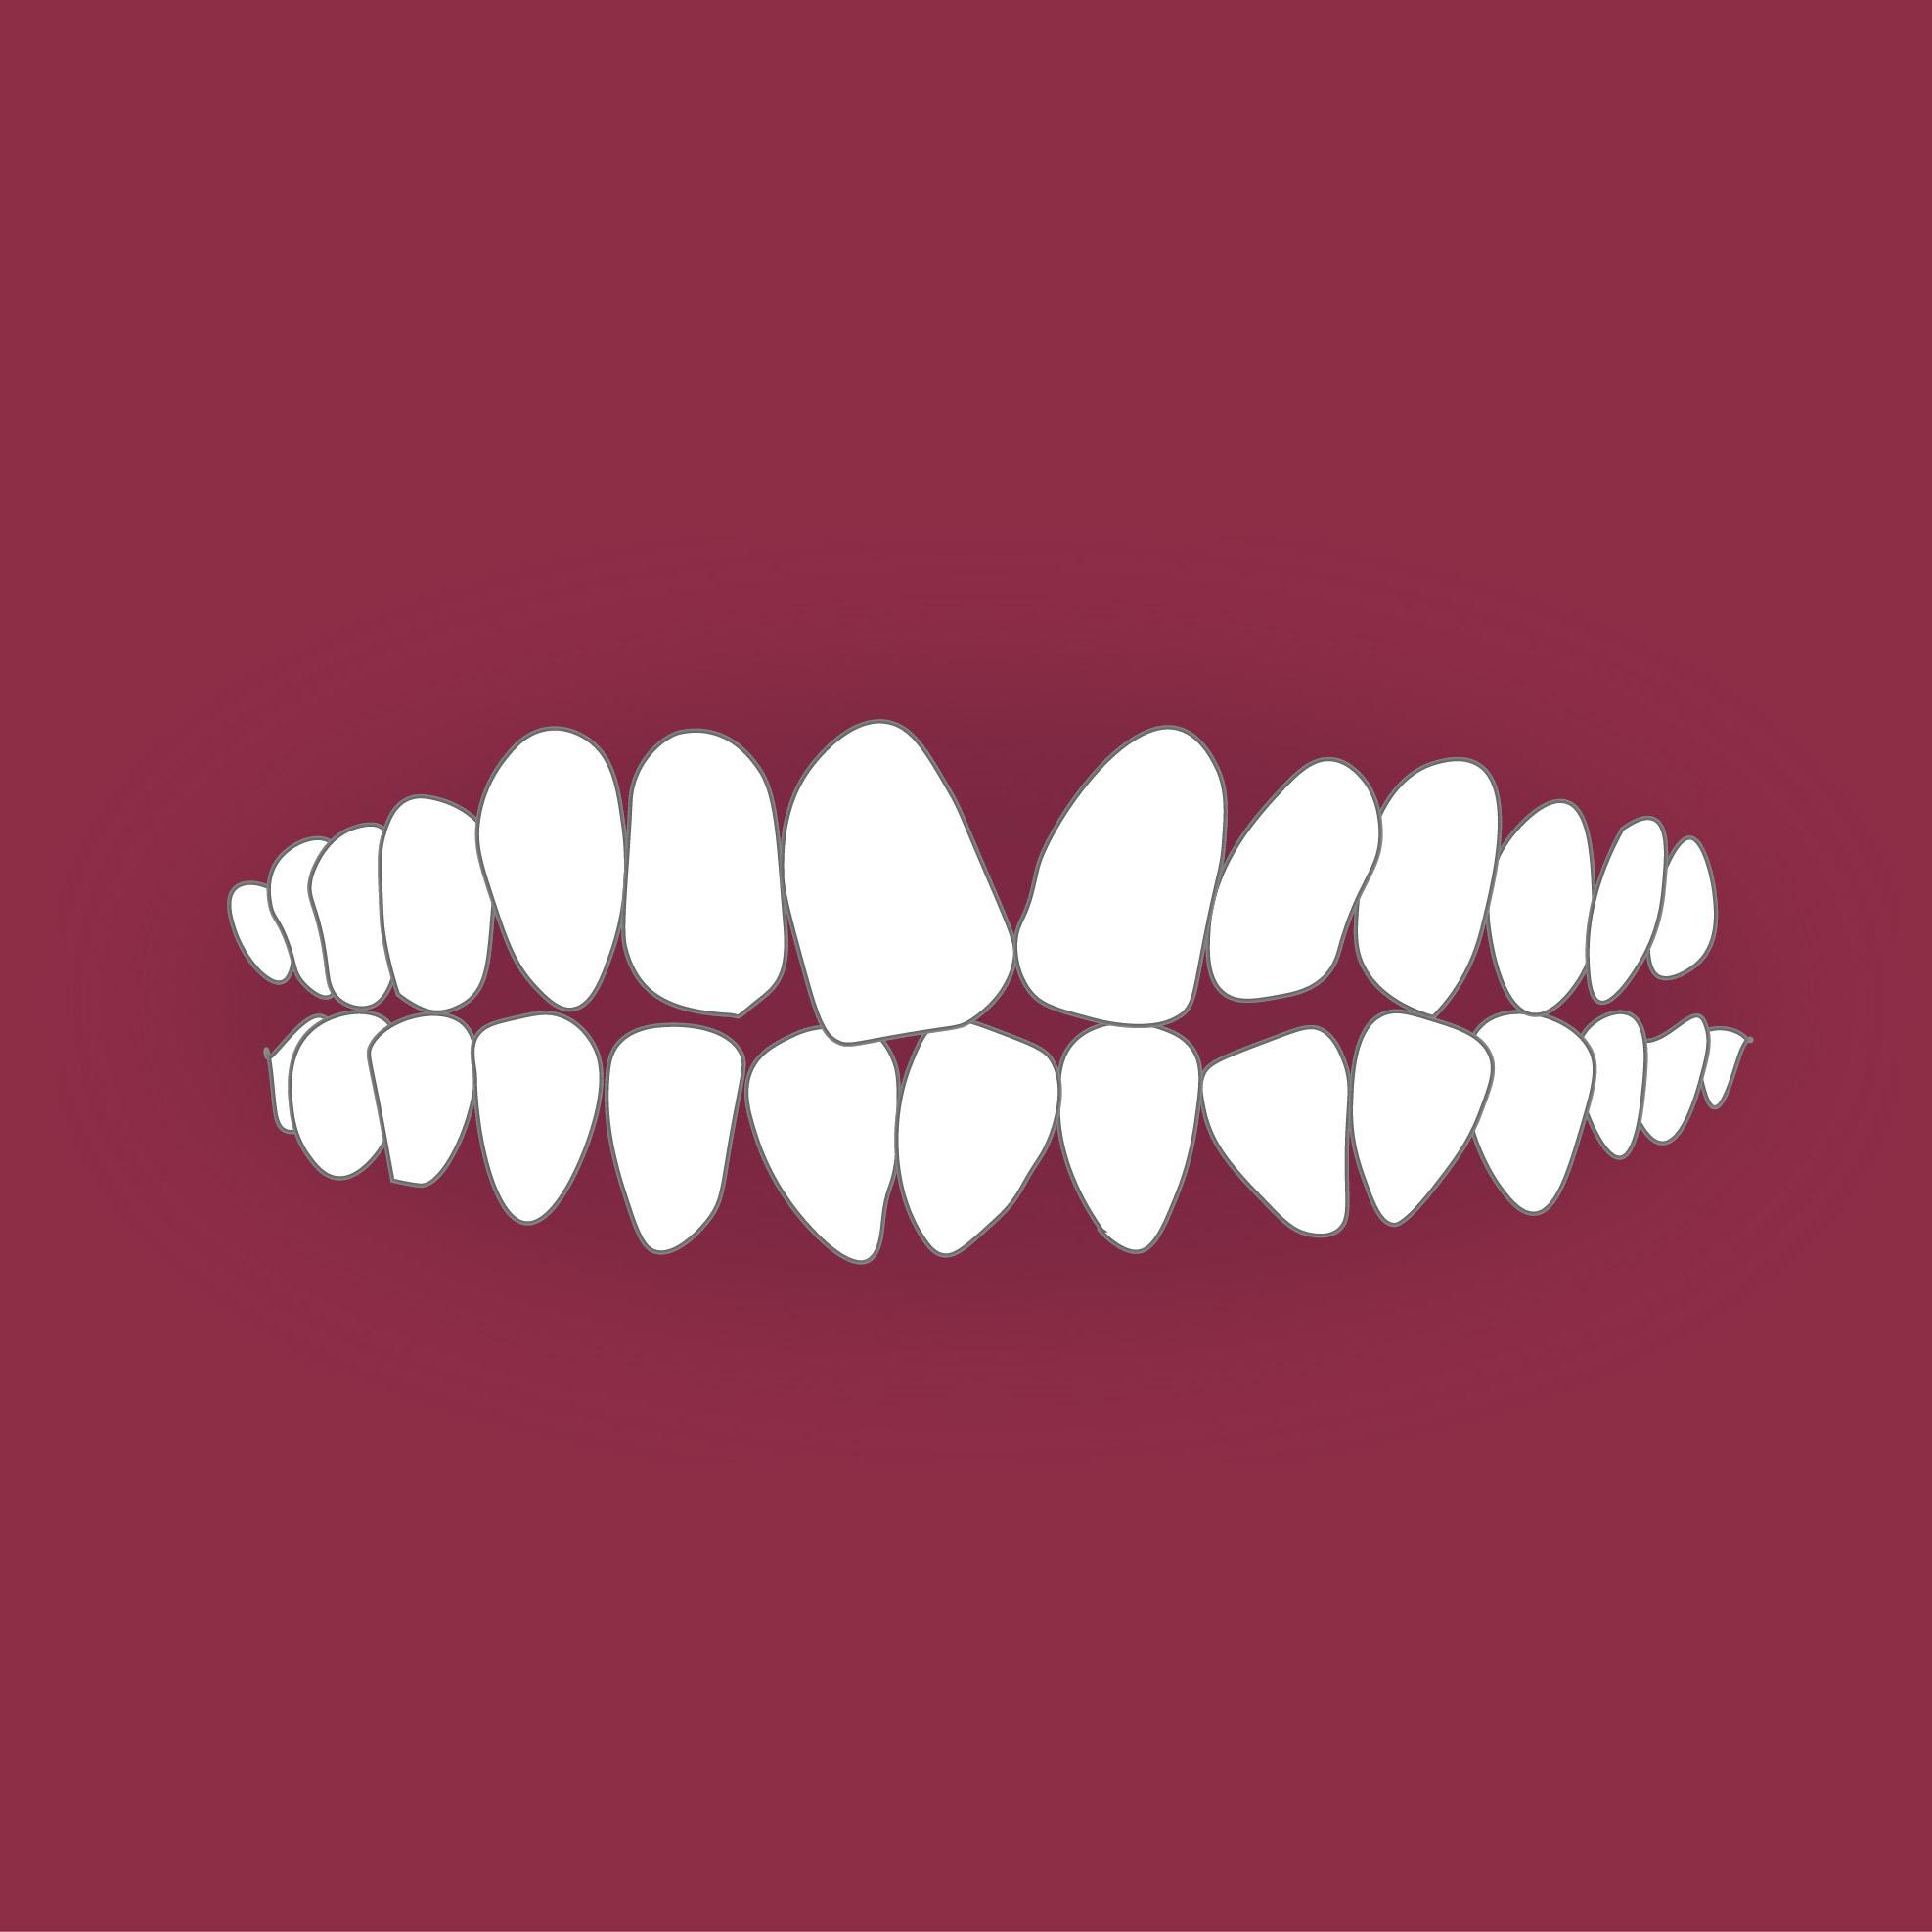 Зъбите ми са криви.